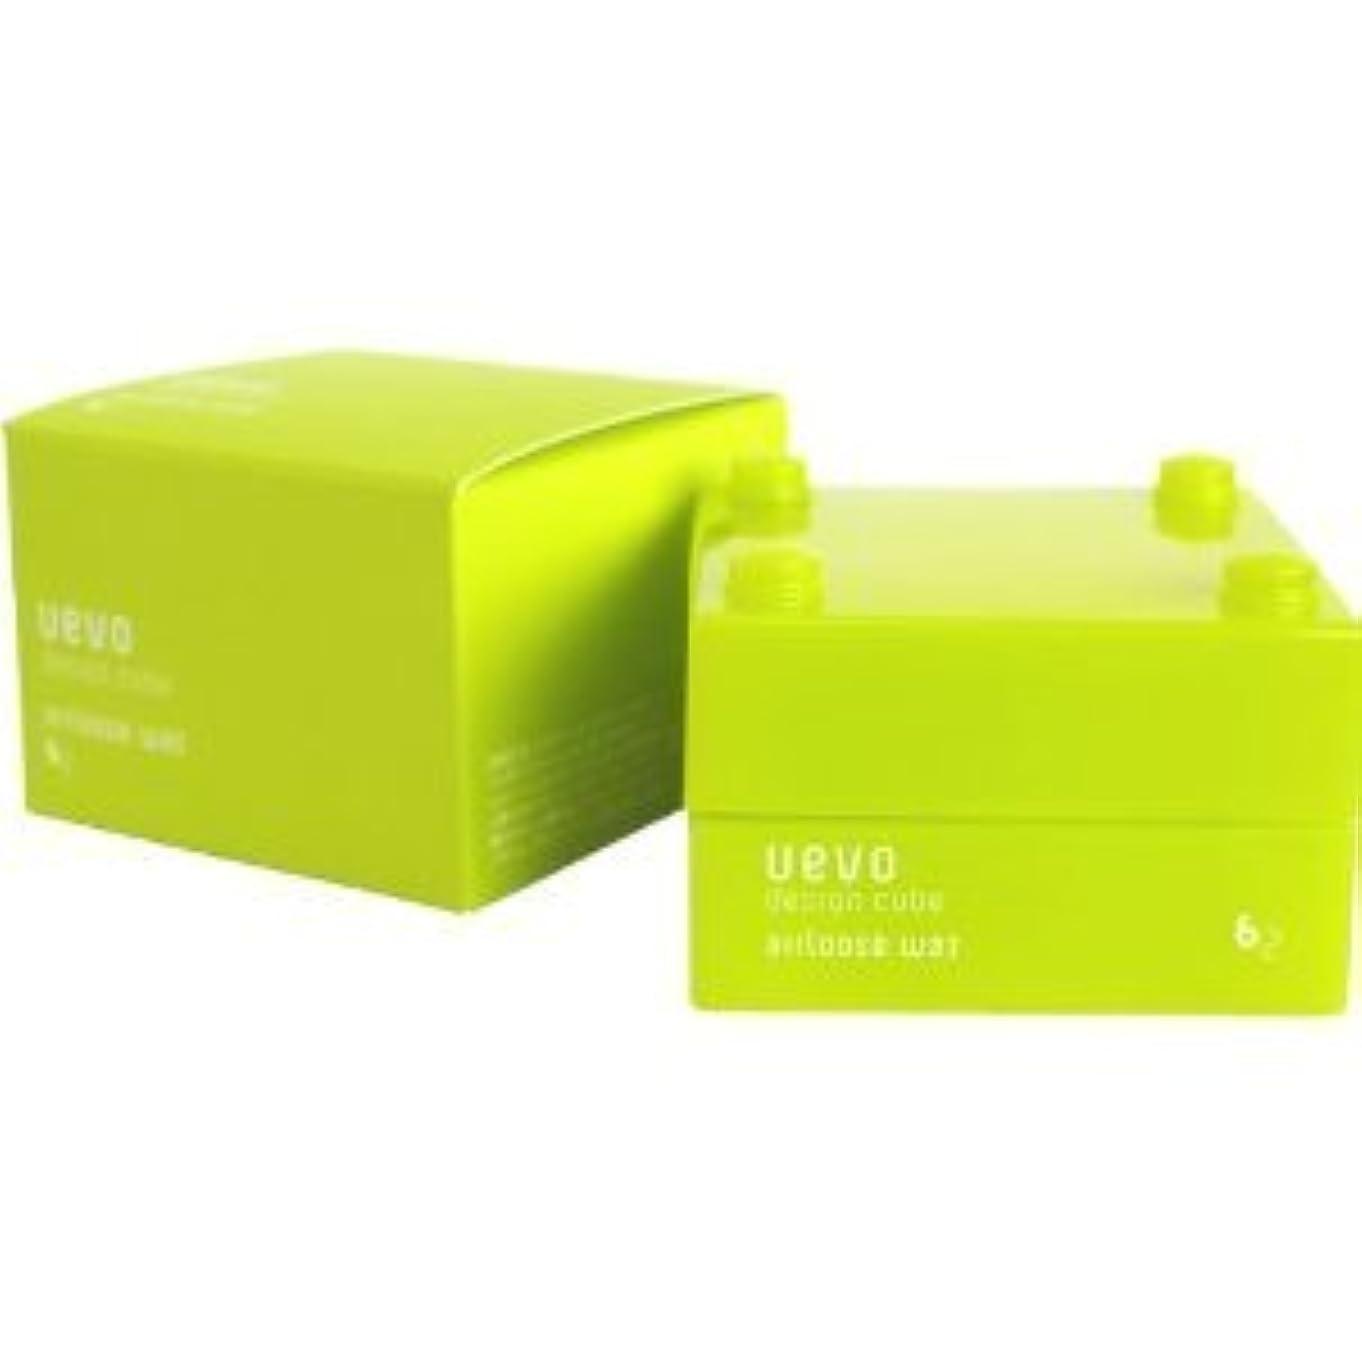 委任リファイン豊富な【X2個セット】 デミ ウェーボ デザインキューブ エアルーズワックス 30g airloose wax DEMI uevo design cube